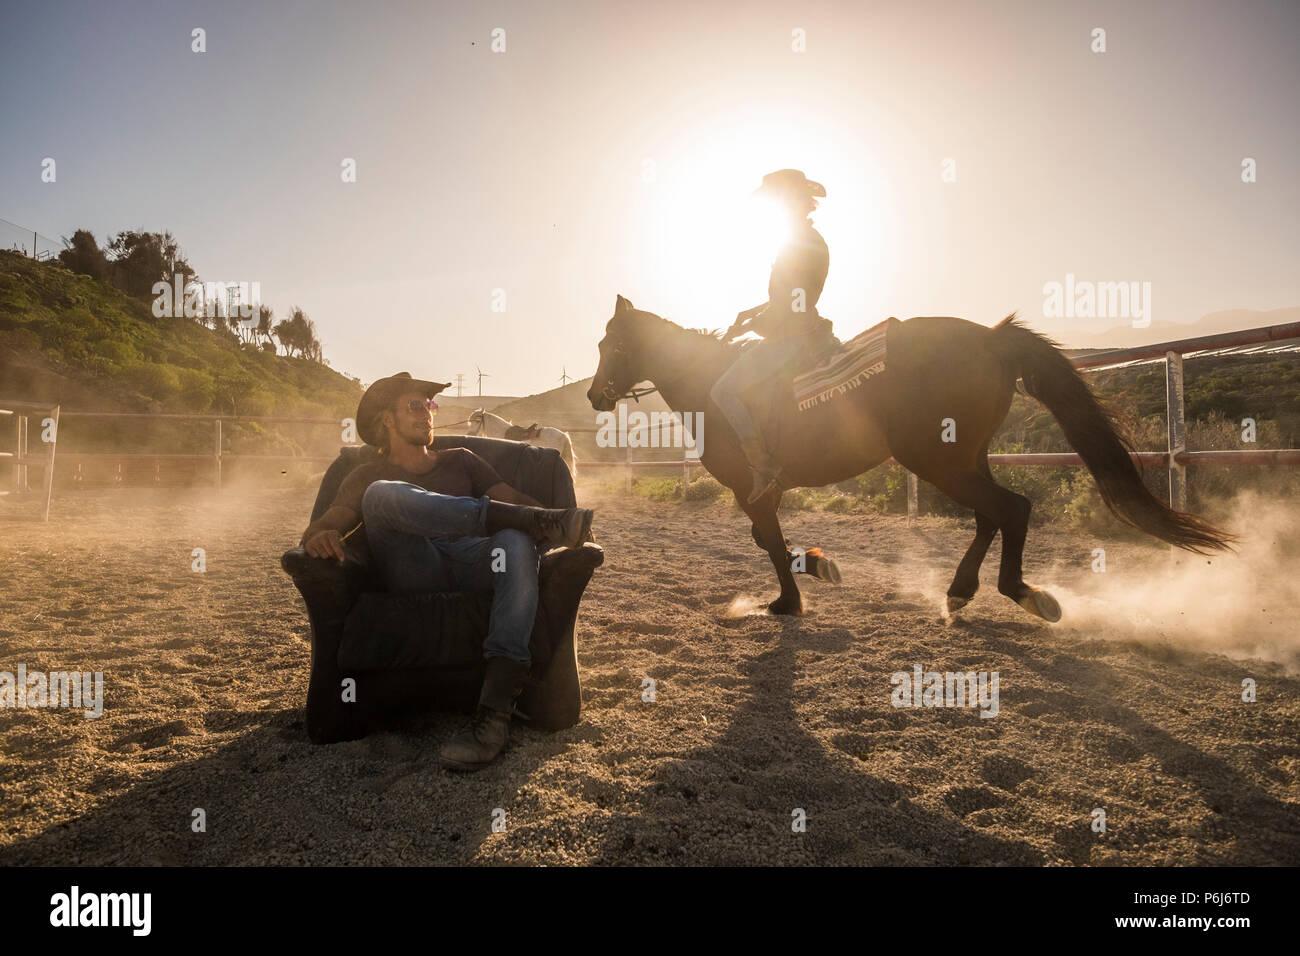 Reiter mit Pferden im goldenen Abendlicht. Ein Mann sitzt auf einem alten Sitz und eine Frau fahren um ihn zu Staub. Landschaft mit Windmühlen in b Stockbild